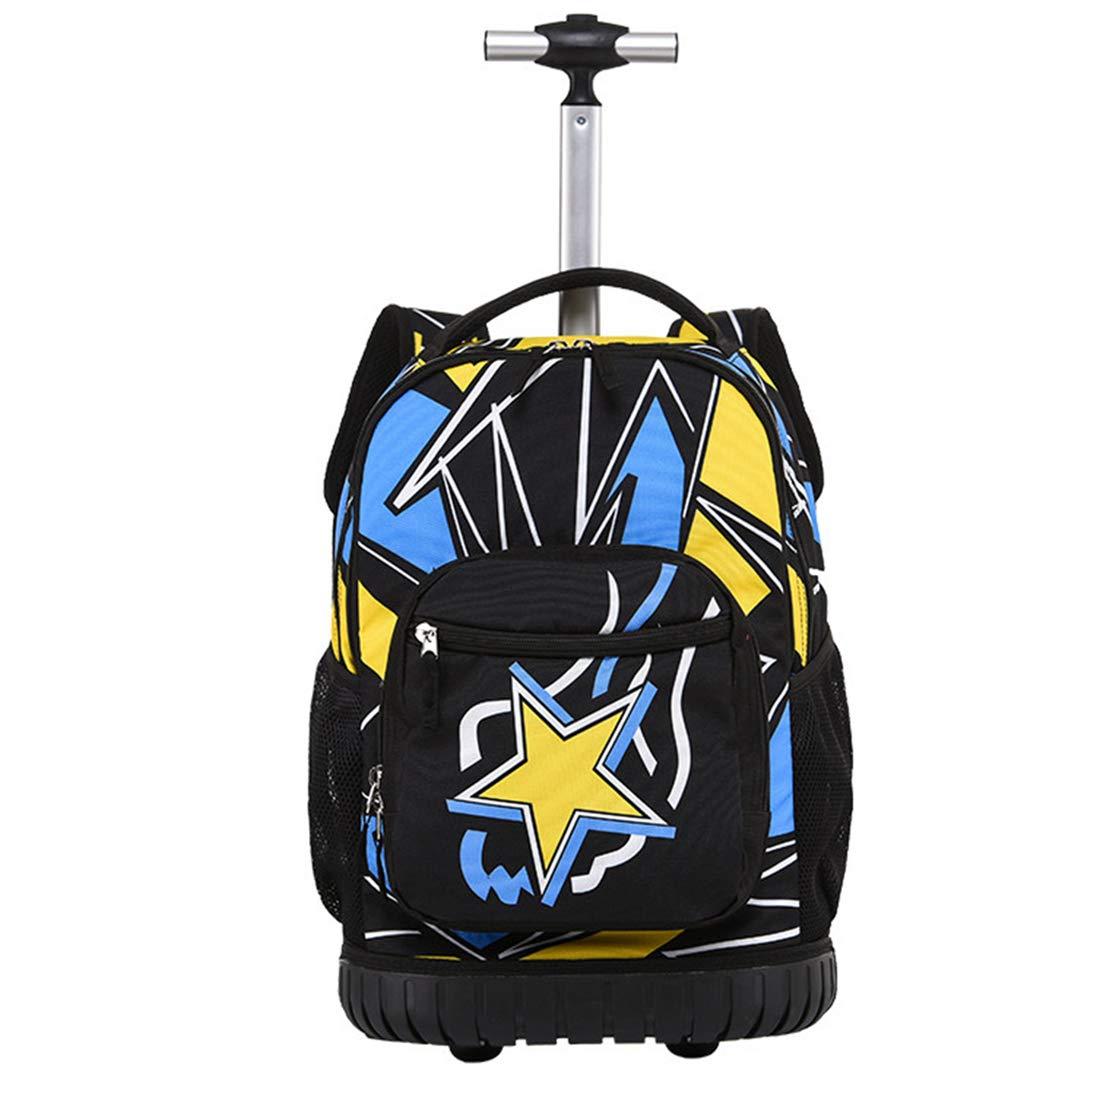 車輪付きバックパックファッショントロリーバッグ学生旅行バッグ旅行用、学校用18